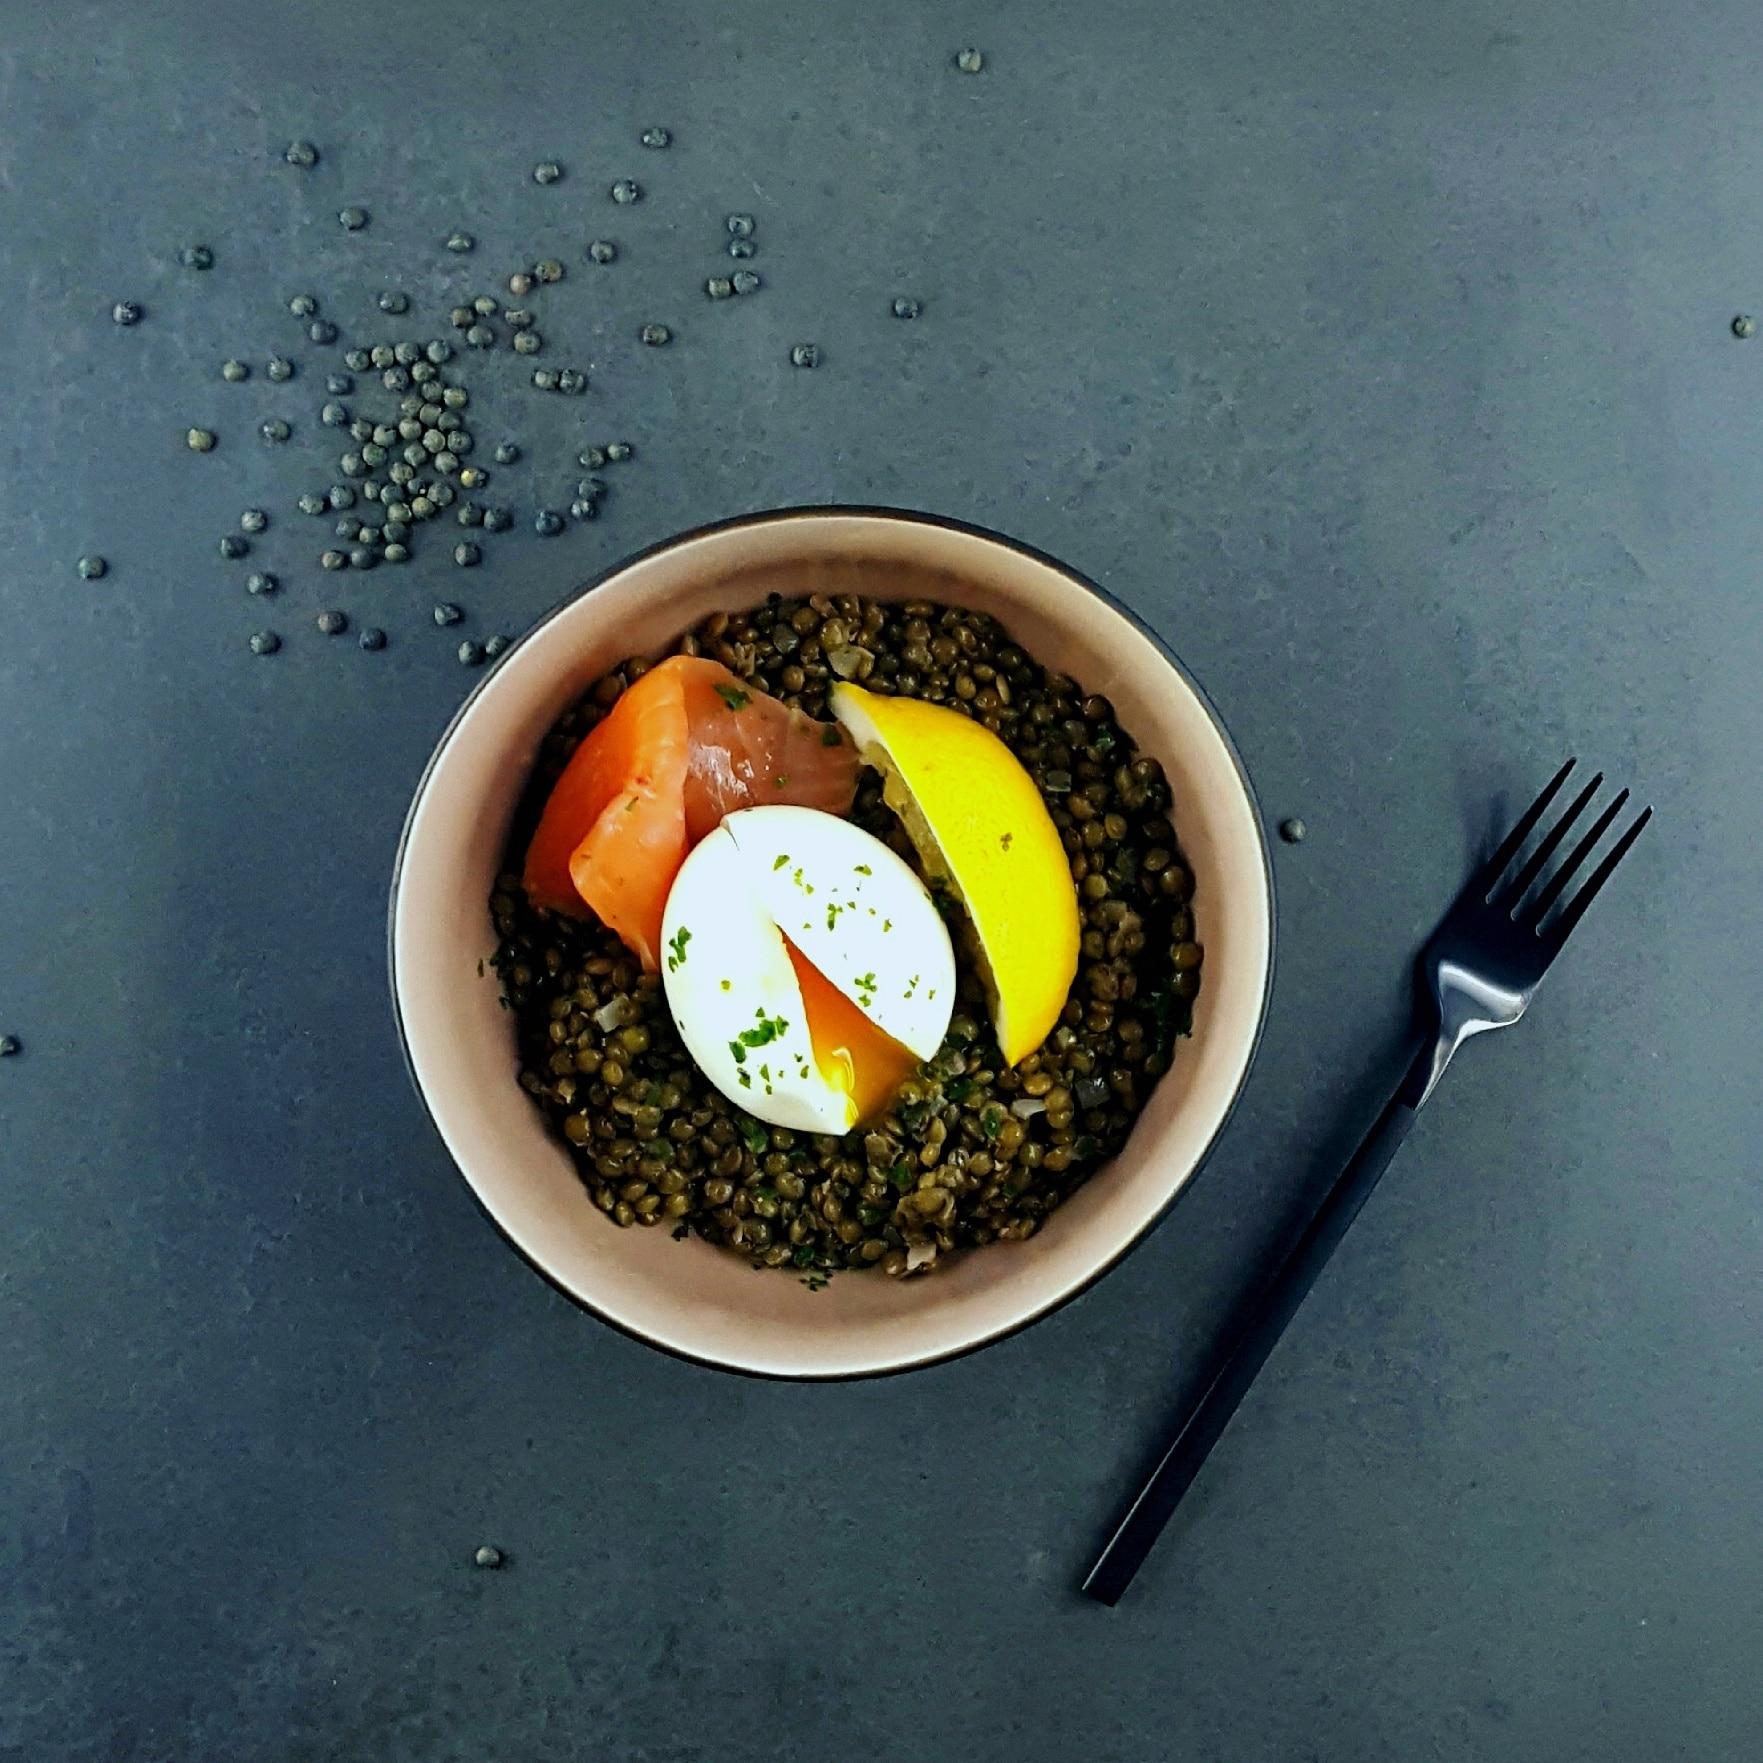 Salade de lentilles, truite fumée et œuf mollet